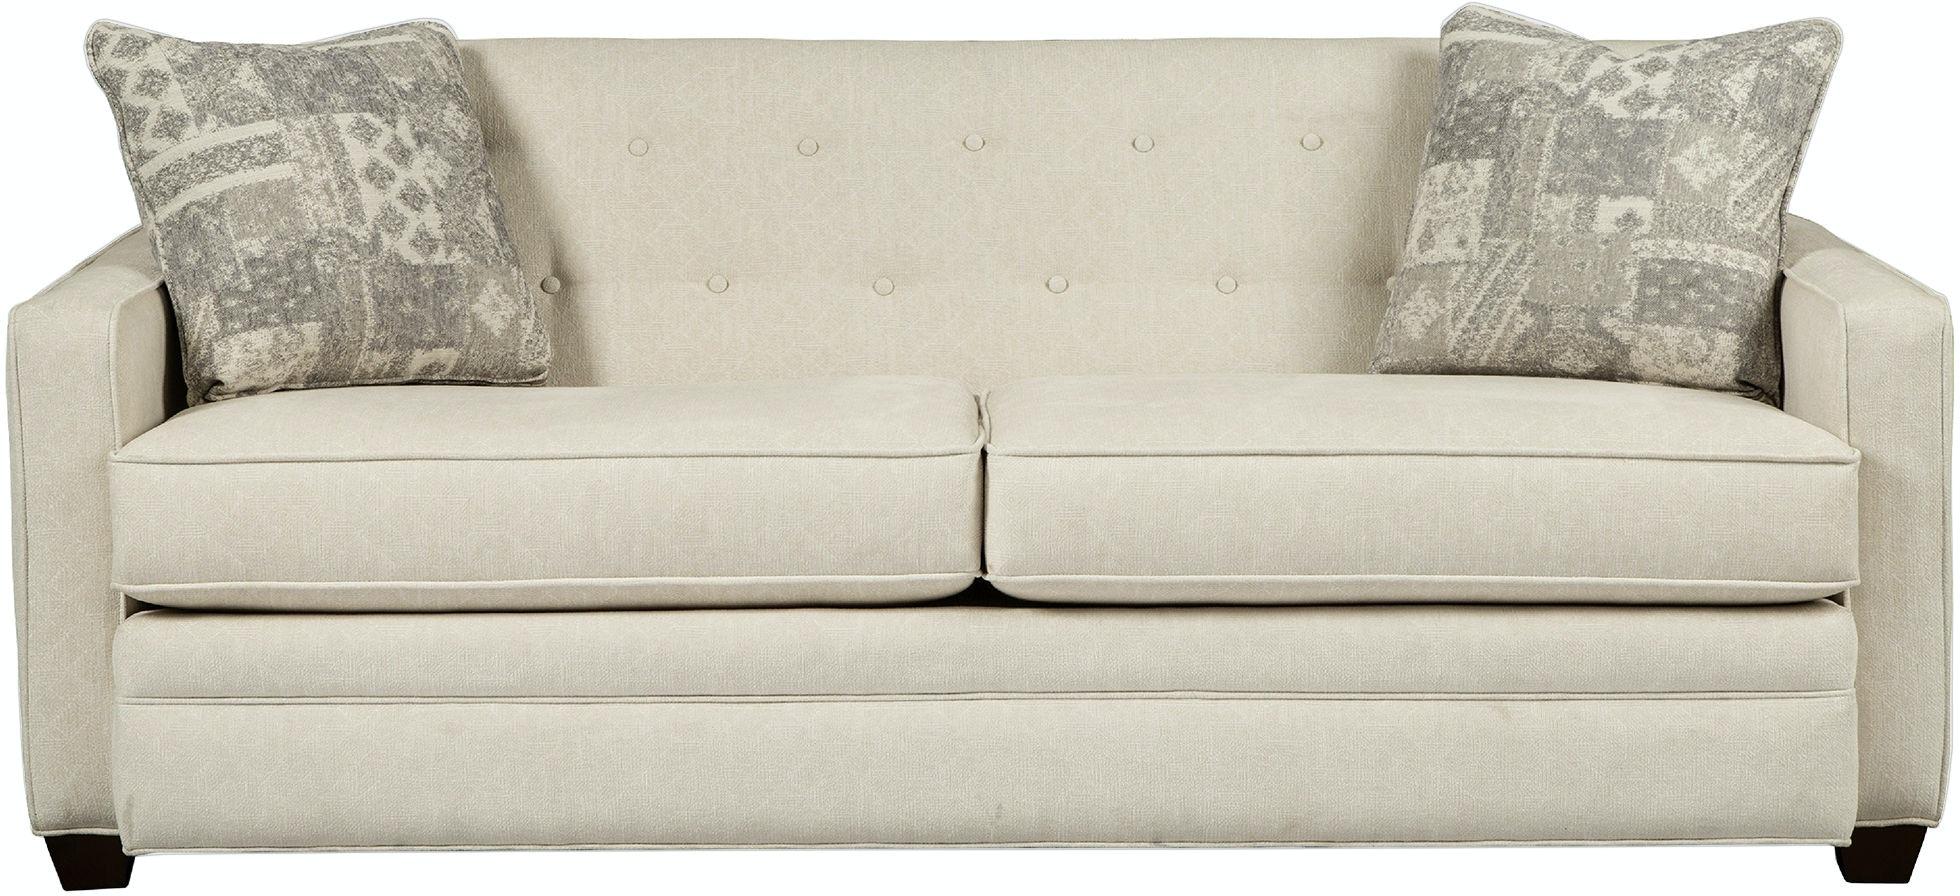 Hickorycraft Living Room Sofa 777150